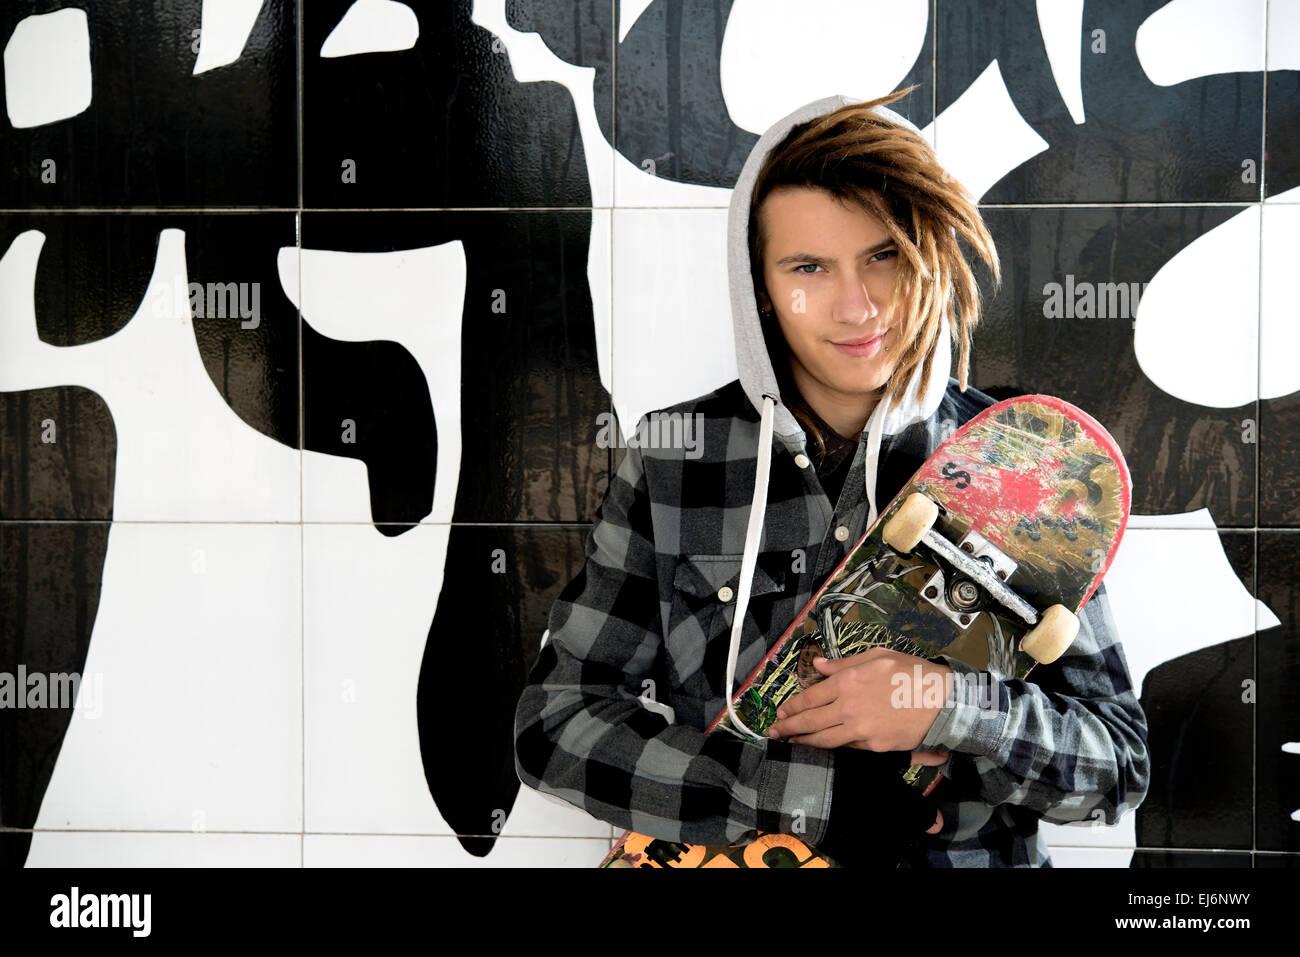 Ritratto di giovane ragazzo con skate e capelli rasta in un concetto di stile di vita Immagini Stock